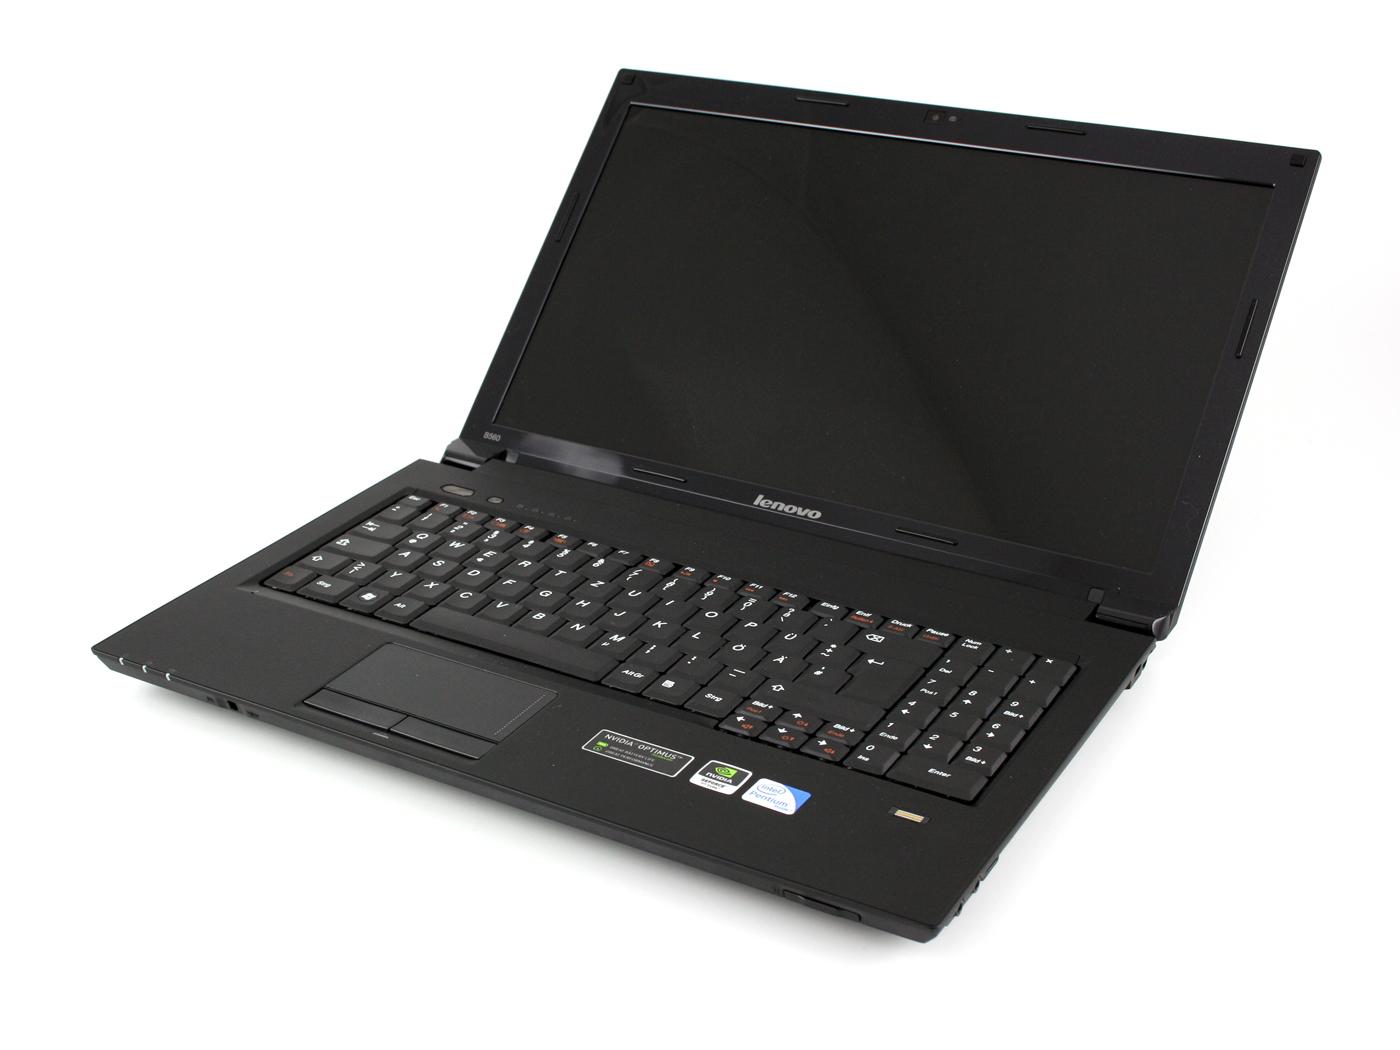 Комплект драйверов для ноутбука lenovo ideapad g505 под windows.